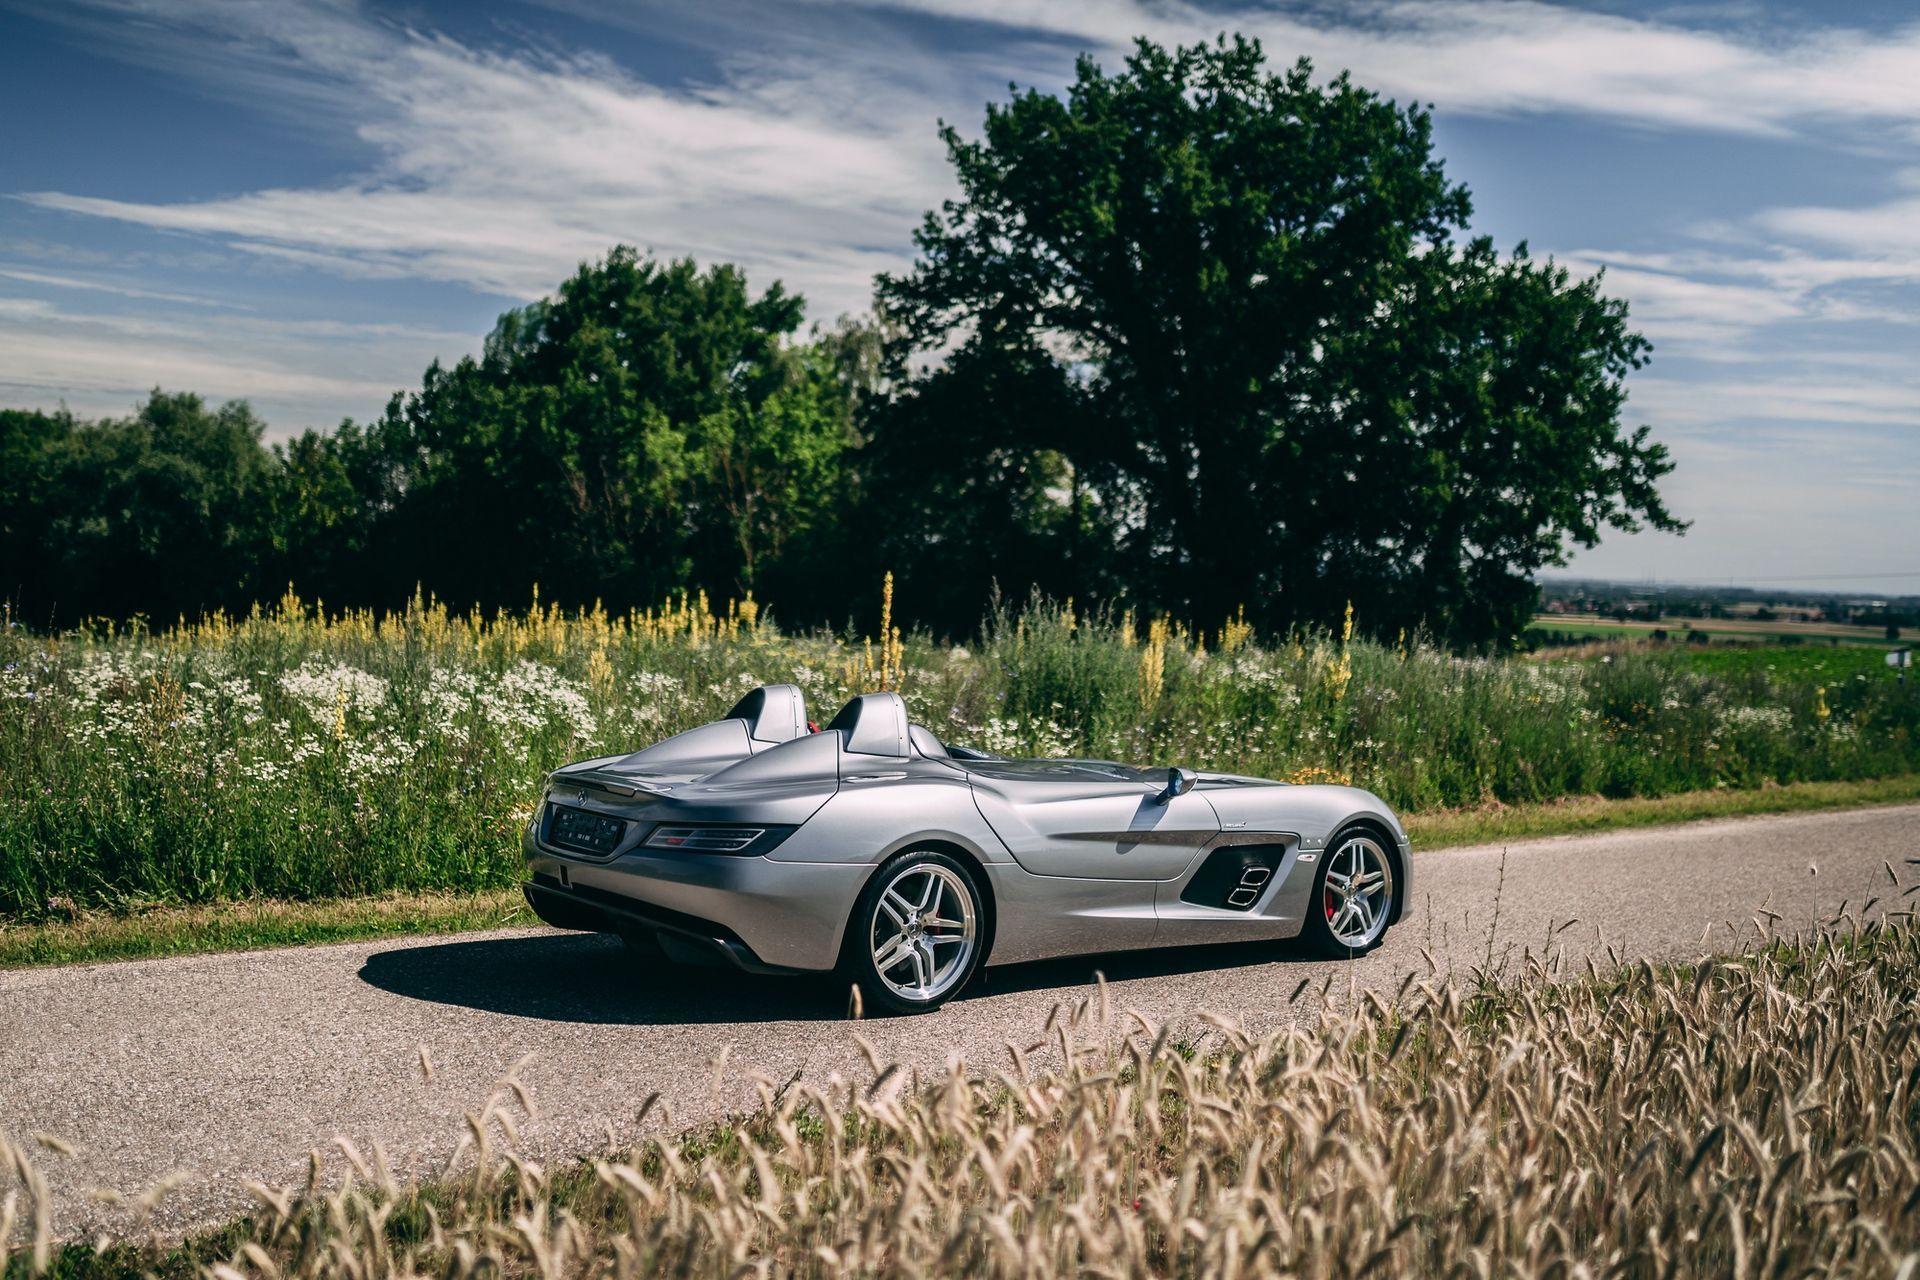 2009-Mercedes-Benz-SLR-McLaren-Stirling-Moss-_1